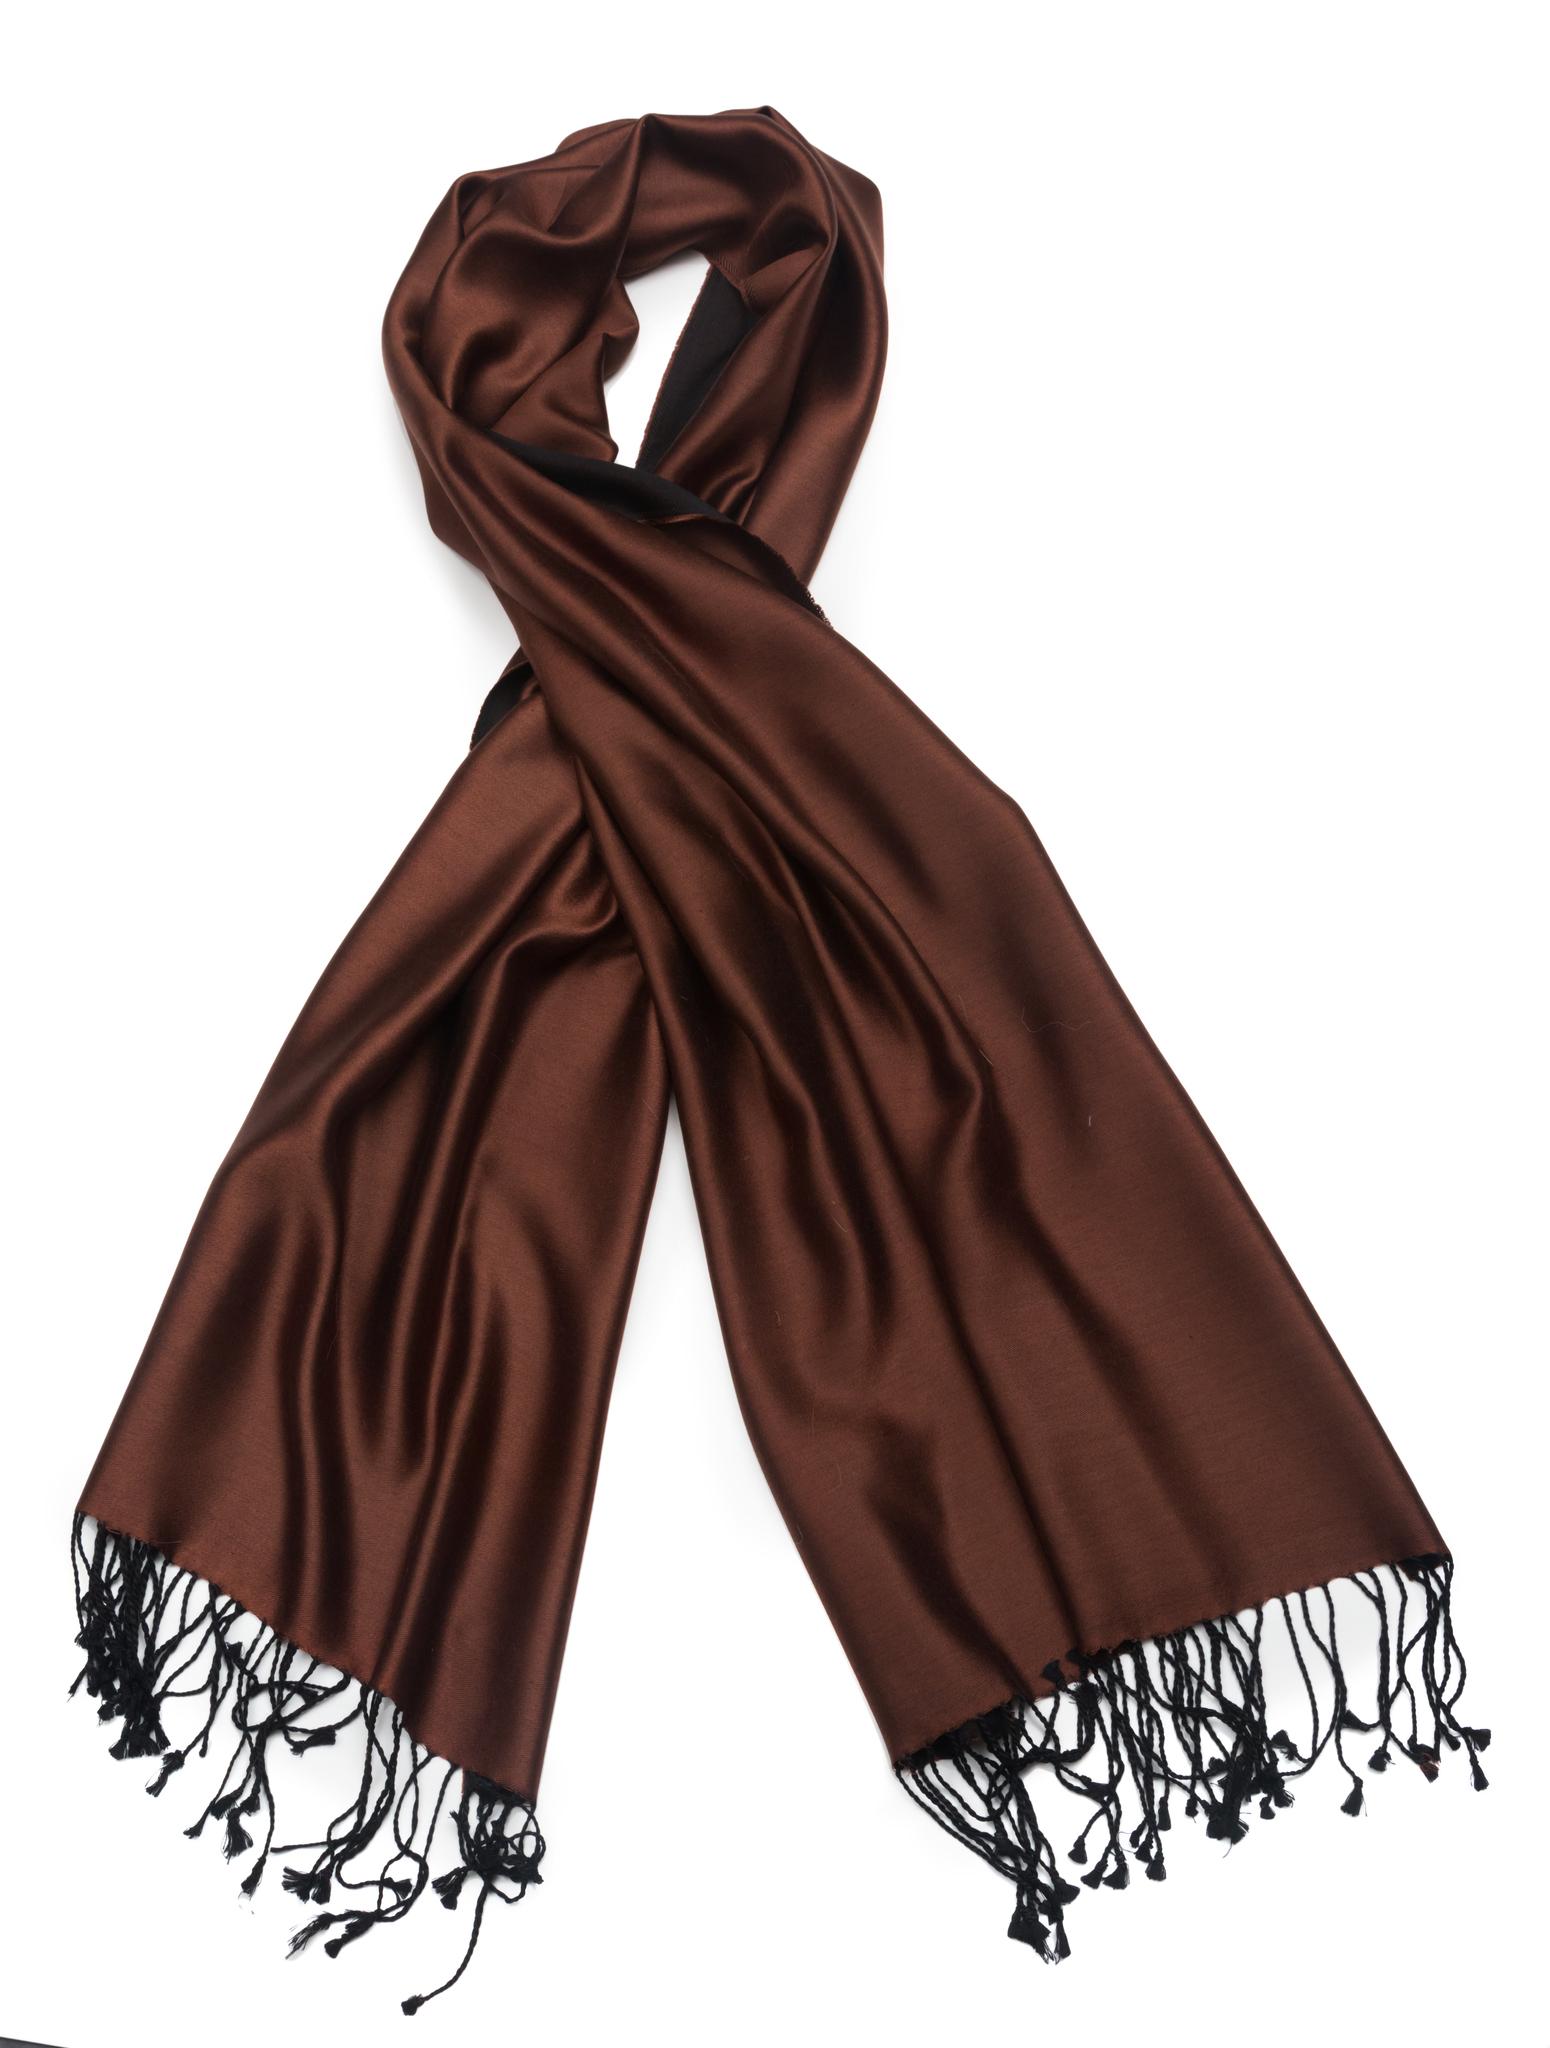 Шарфы Плед-шарф 50х180 AM Paris Paraty шоколадный-черный pled-sharf-50h180-am-paris-paraty-shokoladnyy-chernyy-frantsiya.jpg